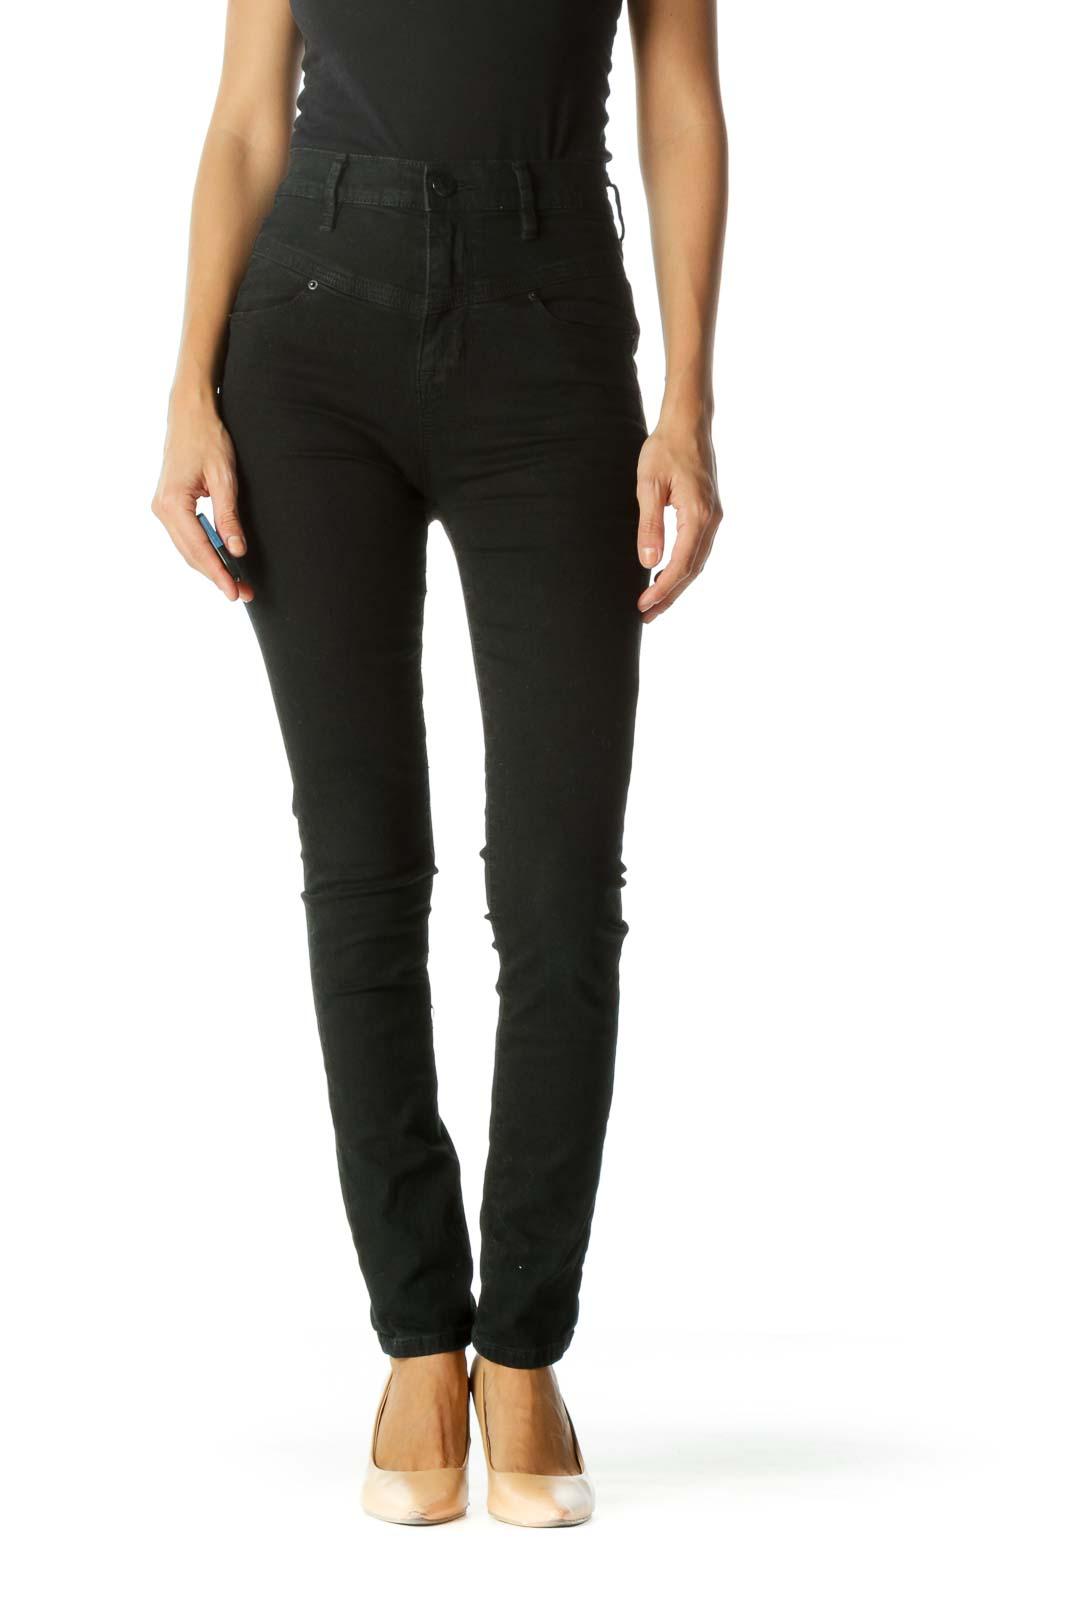 Faded Black High Waist Front Unique Design Slim Pants Front